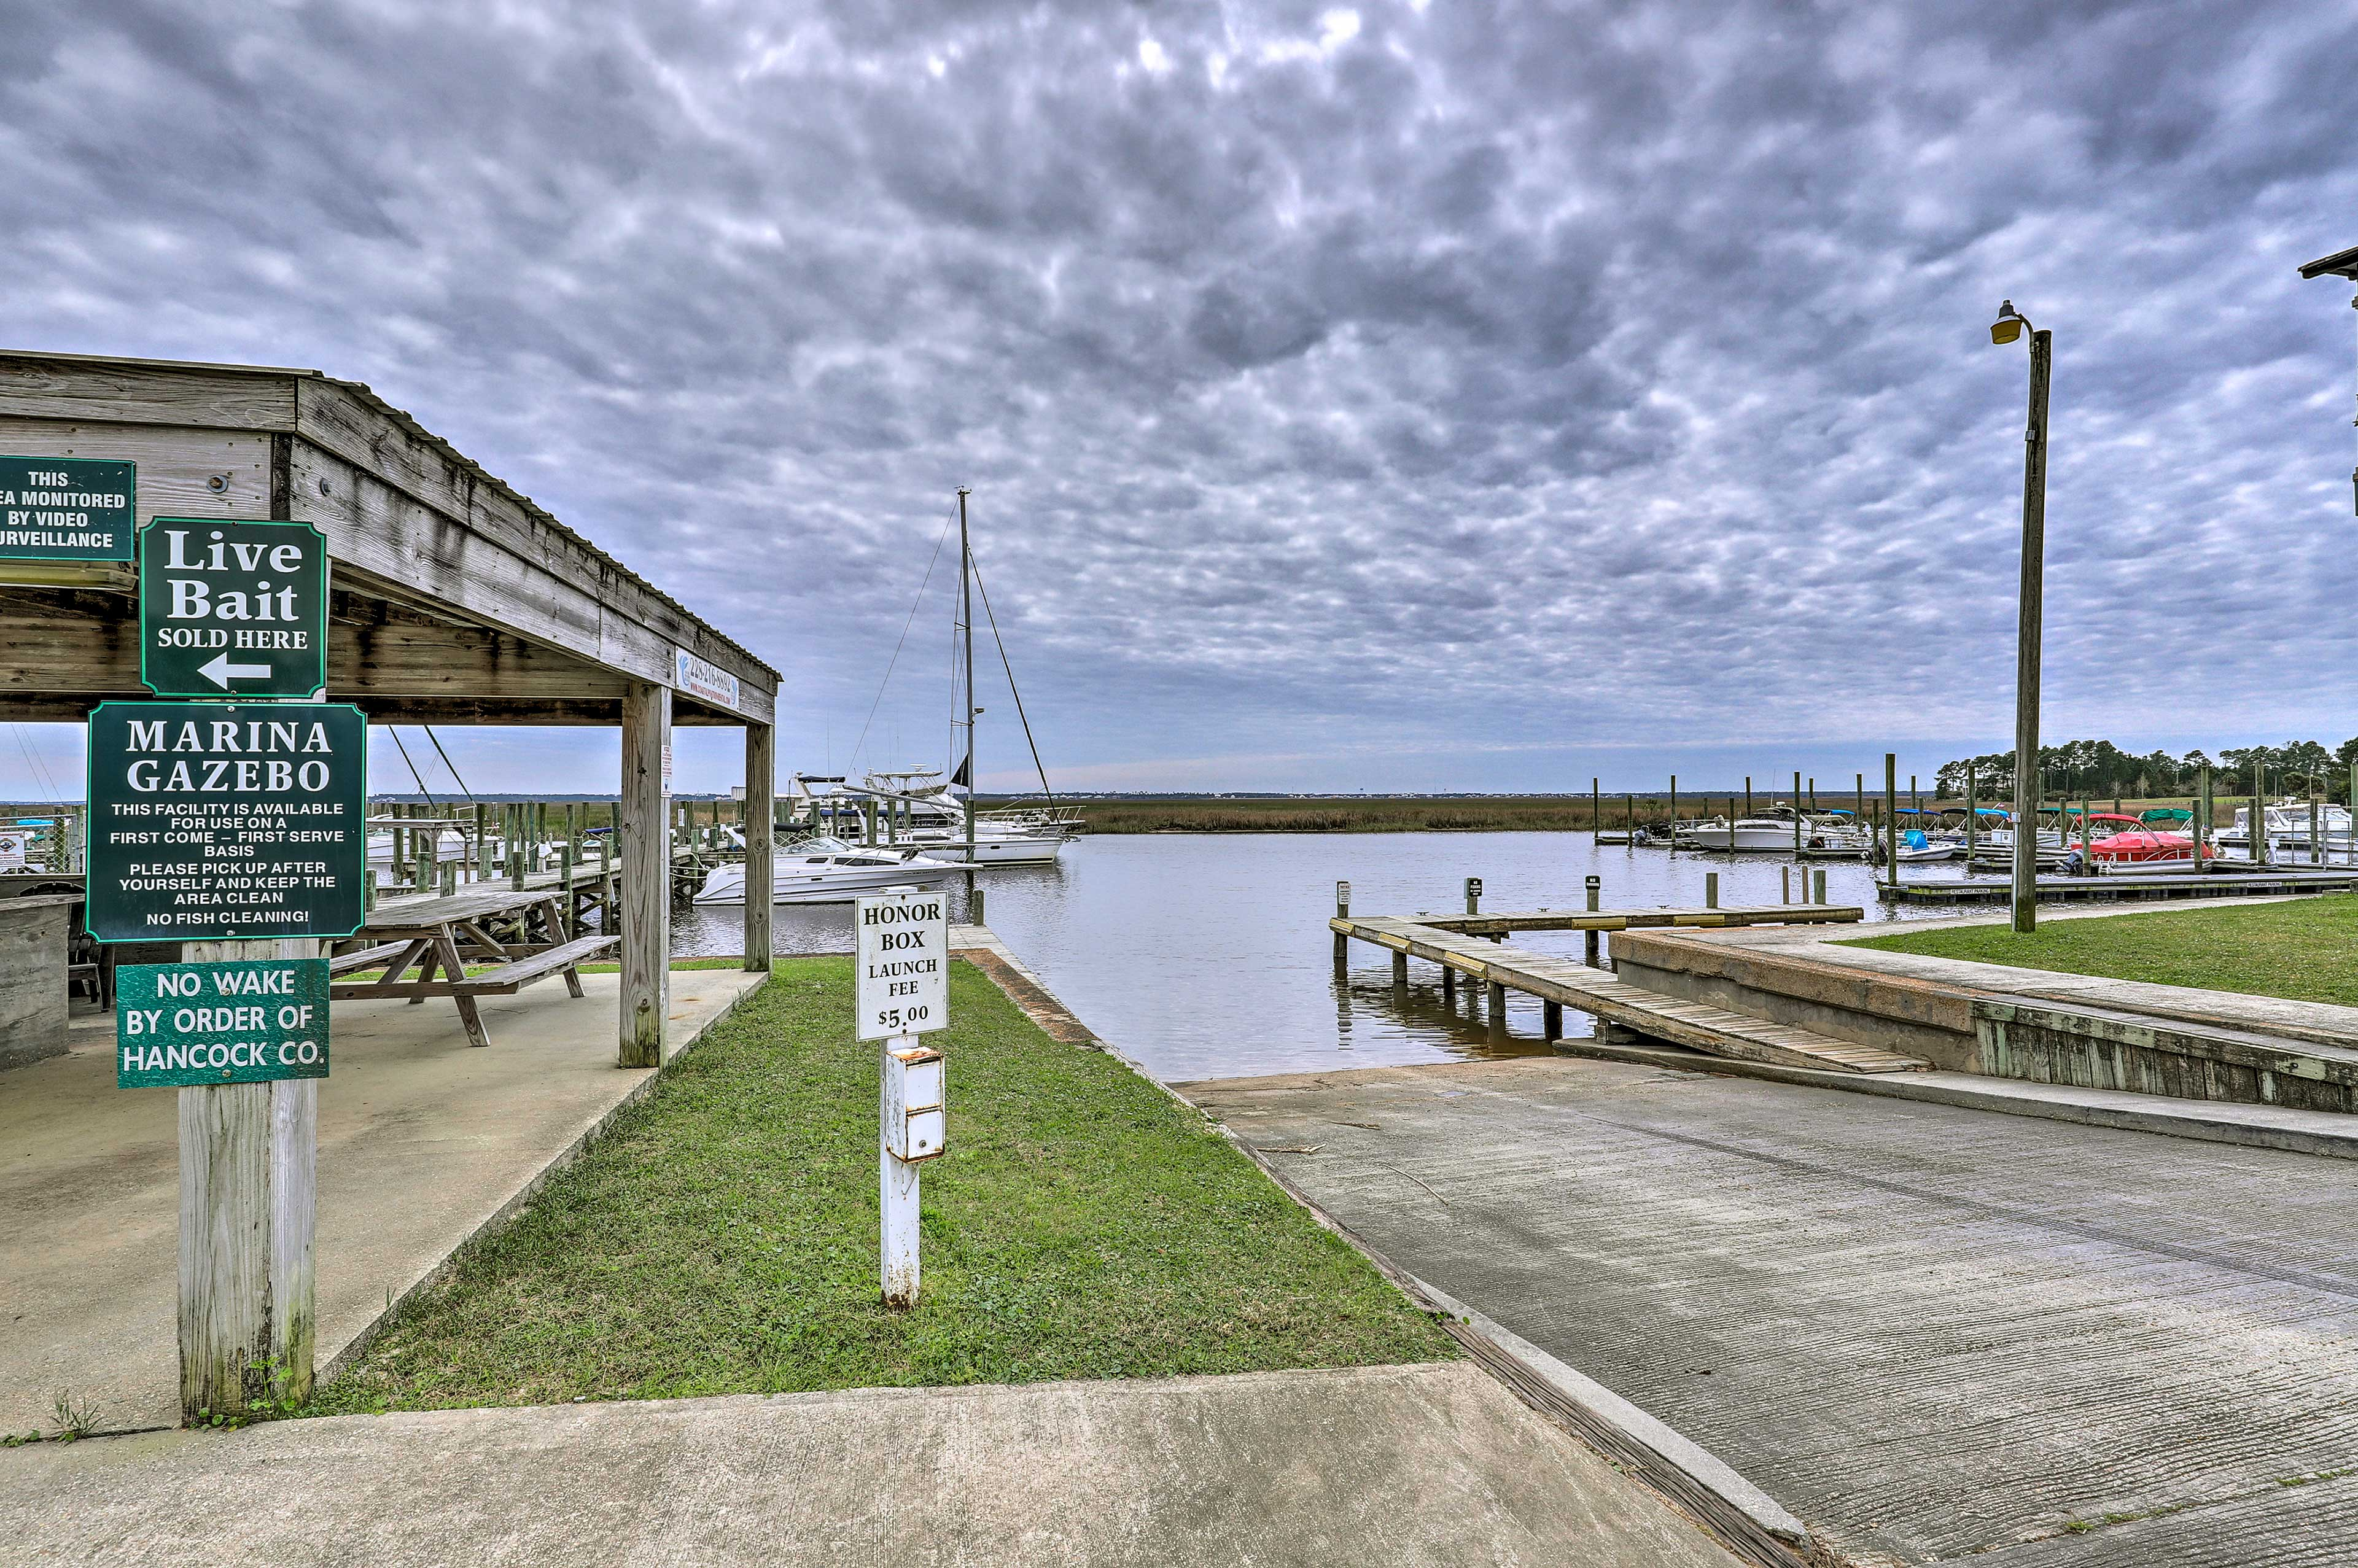 Rent a boat from the Diamondhead marina!